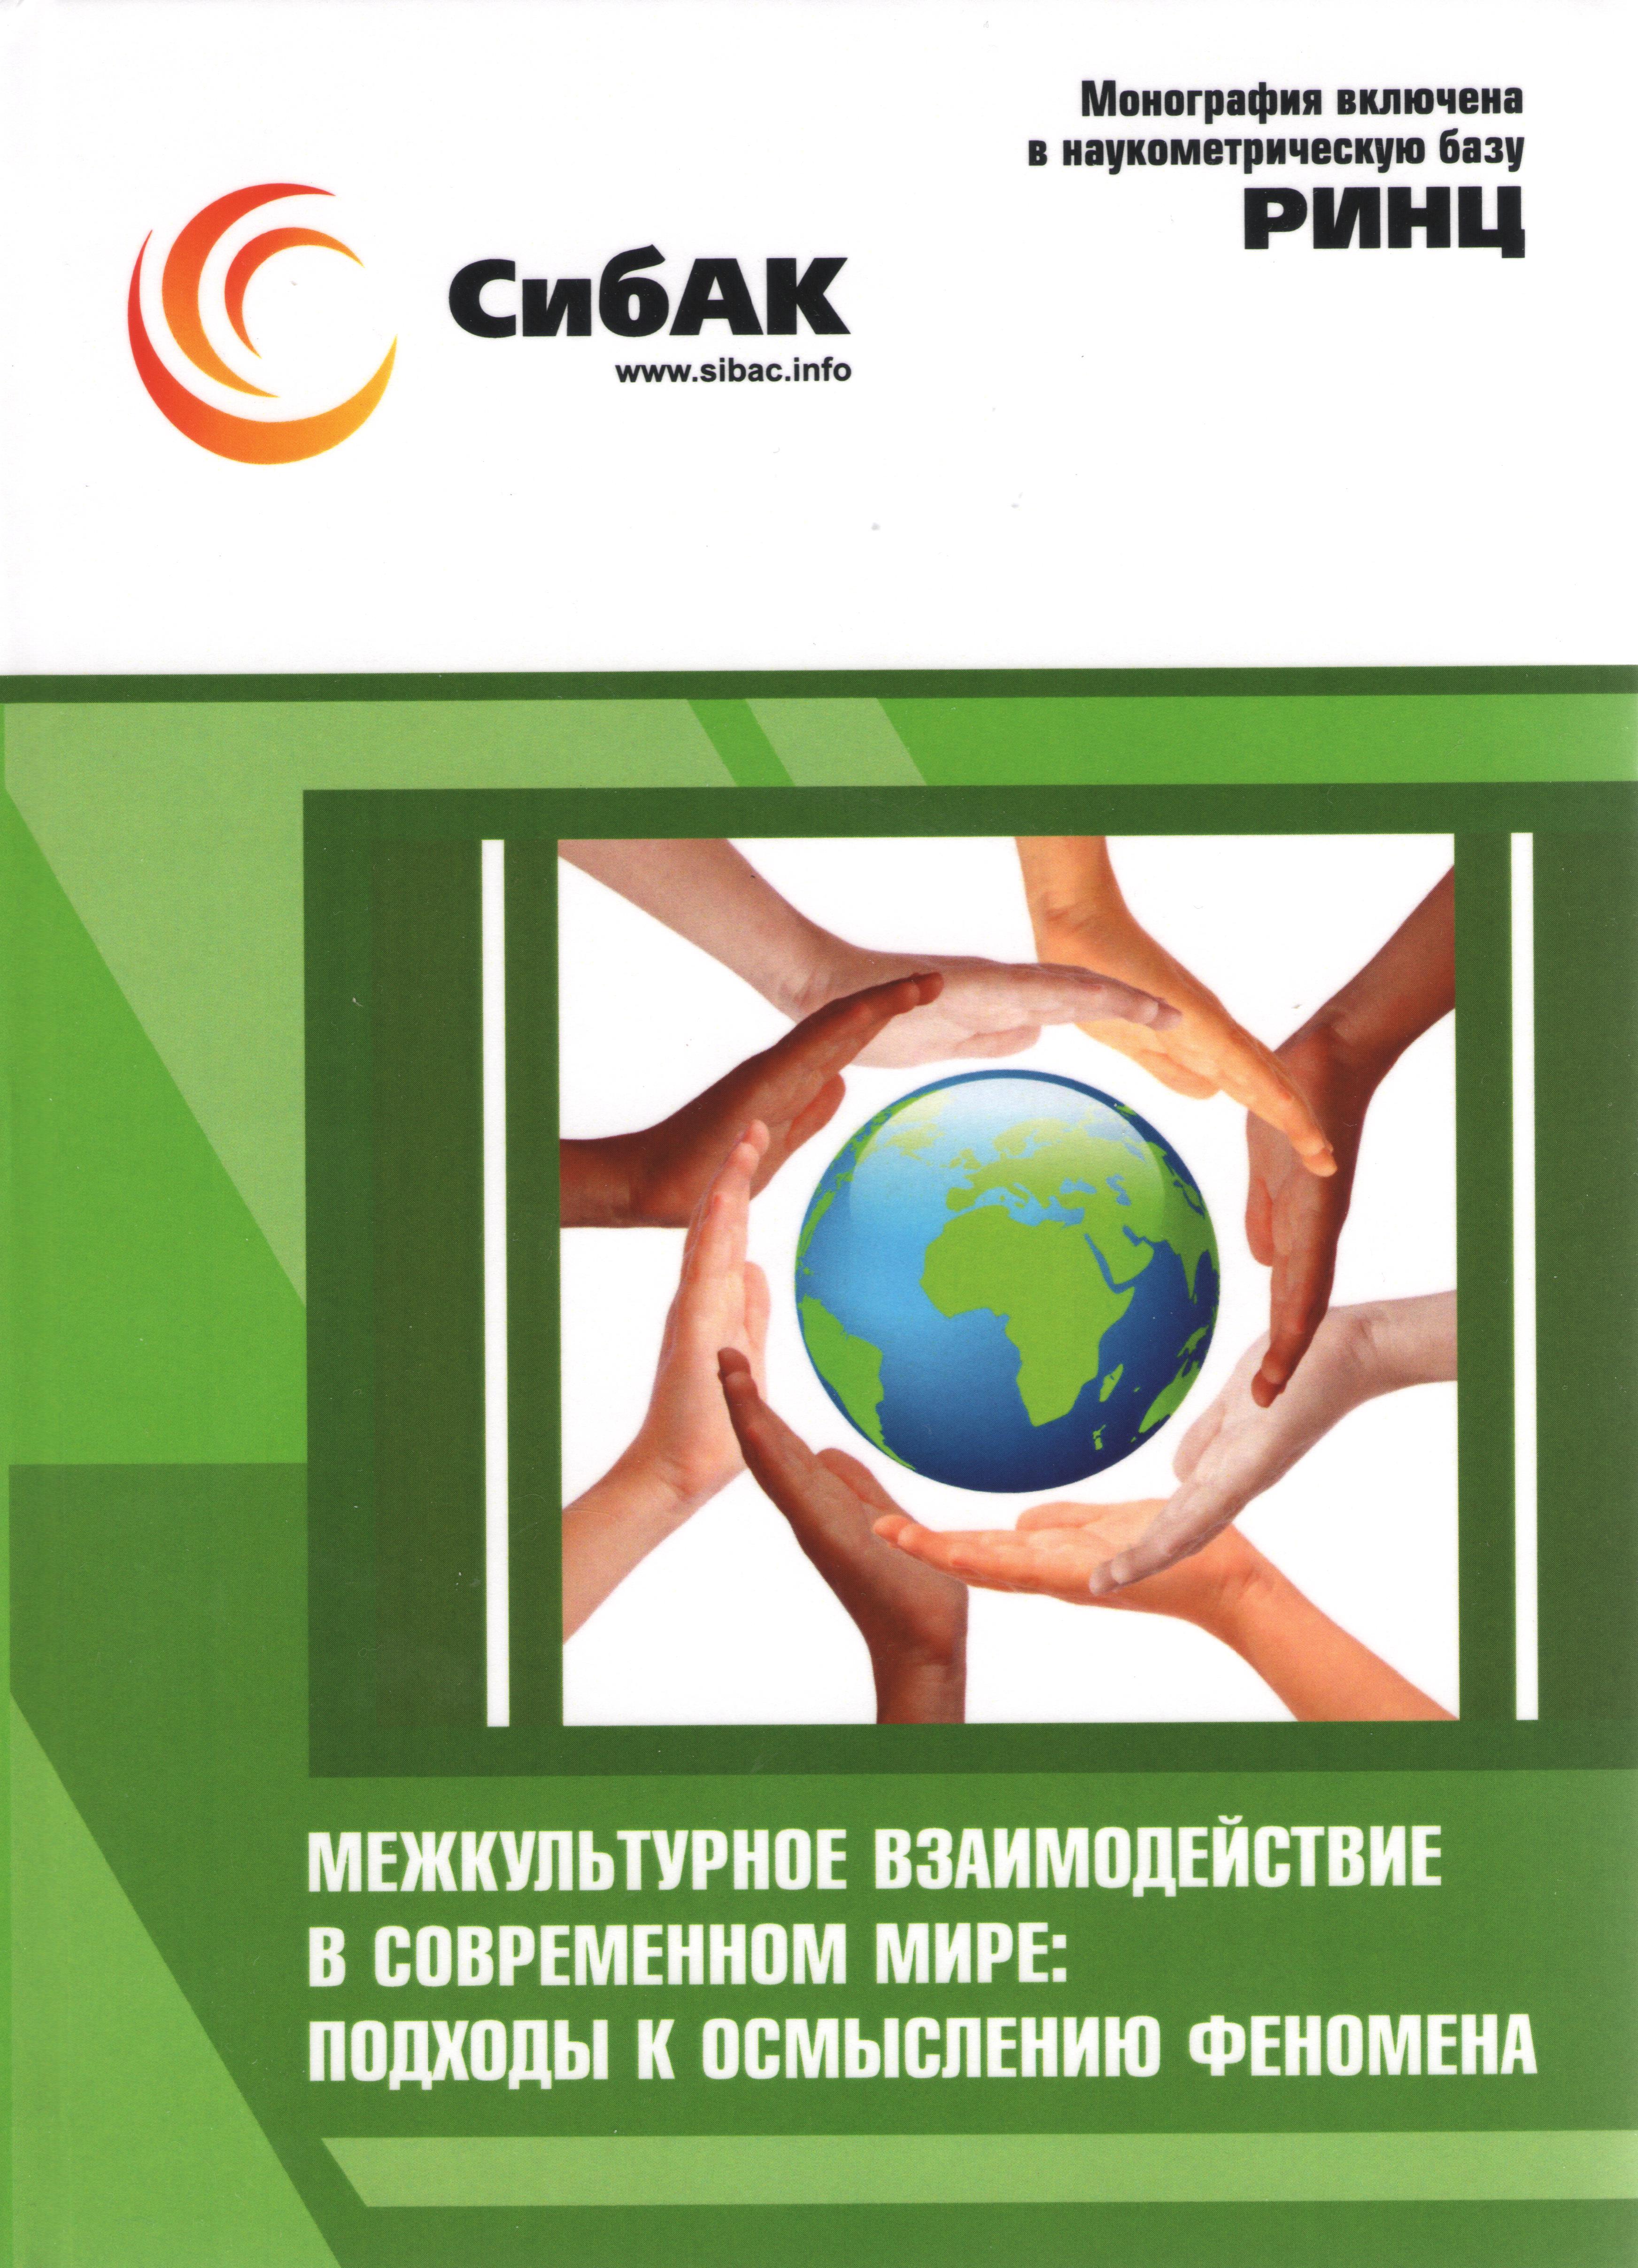 Адаптивные стратегии в пространстве межкультурного взаимодействия Запада и Востока